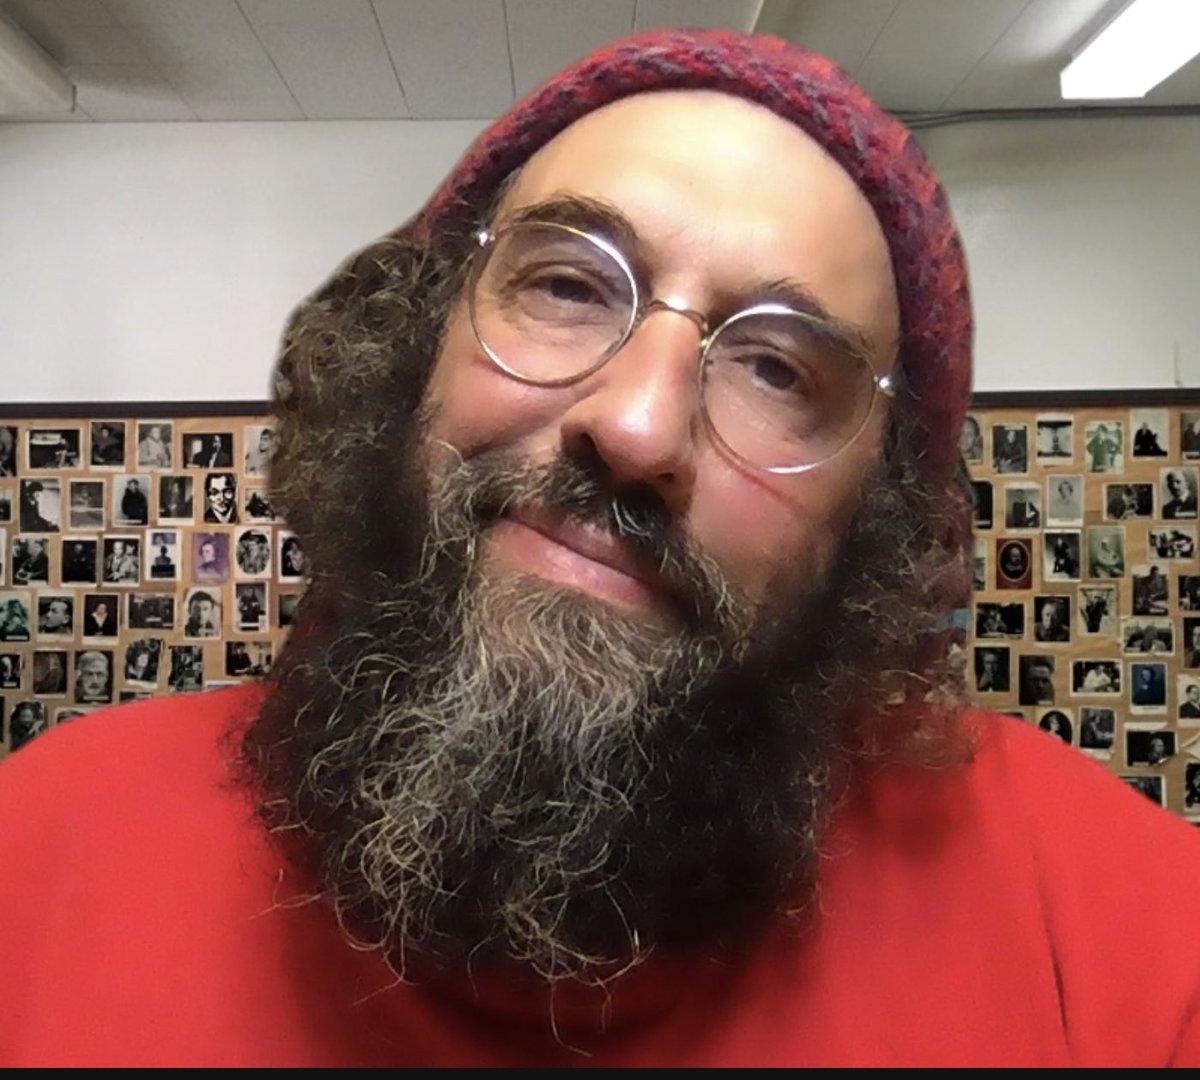 Barry Smolin has a Wikipedia 🤔 https://t.co/4PYKoBvAEt https://t.co/U6OJBXqq5O